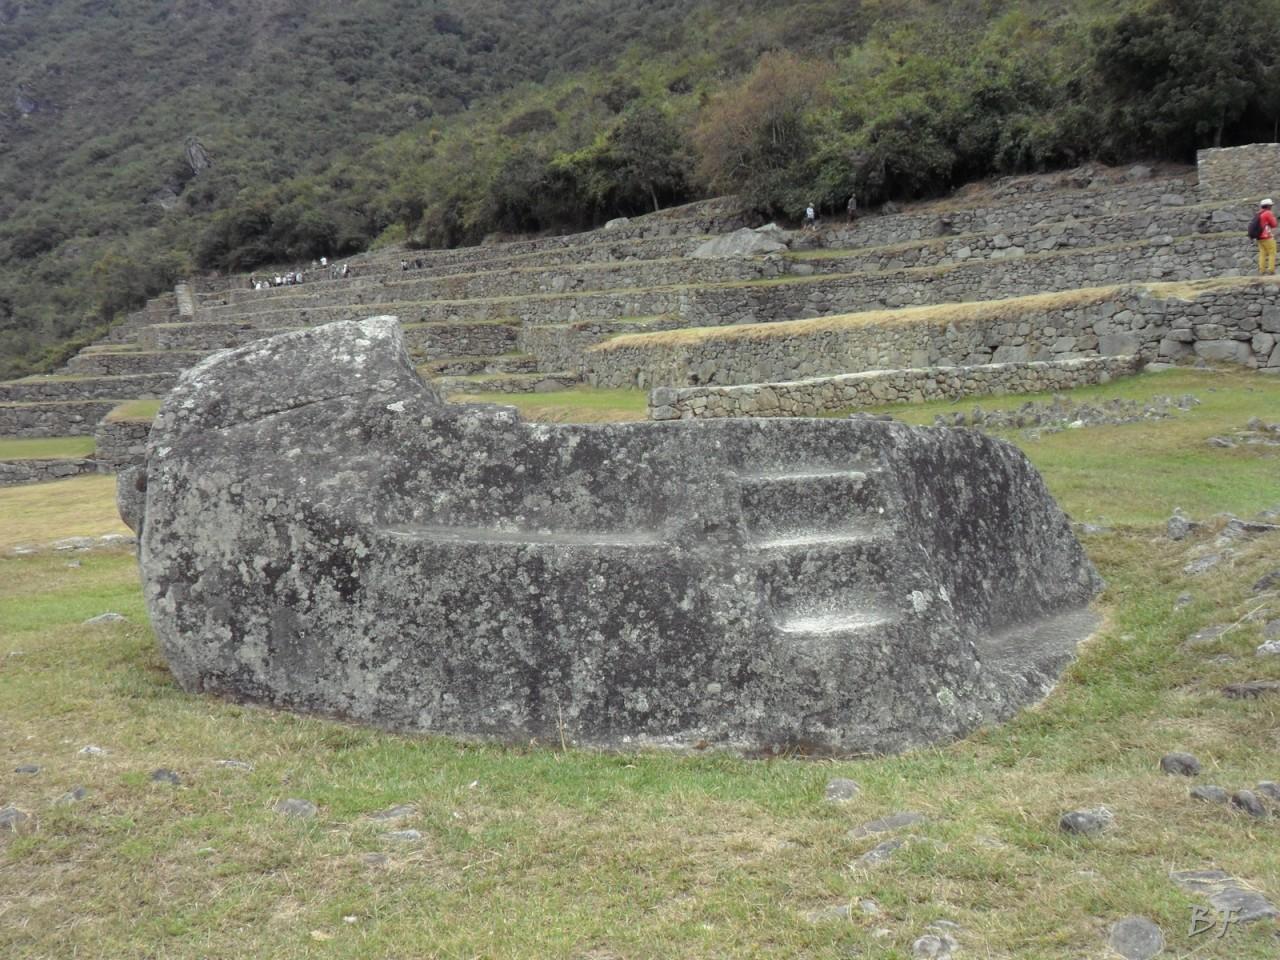 Mura-Poligonali-Incisioni-Altari-Edifici-Rupestri-Megaliti-Machu-Picchu-Aguas-Calientes-Urubamba-Cusco-Perù-69